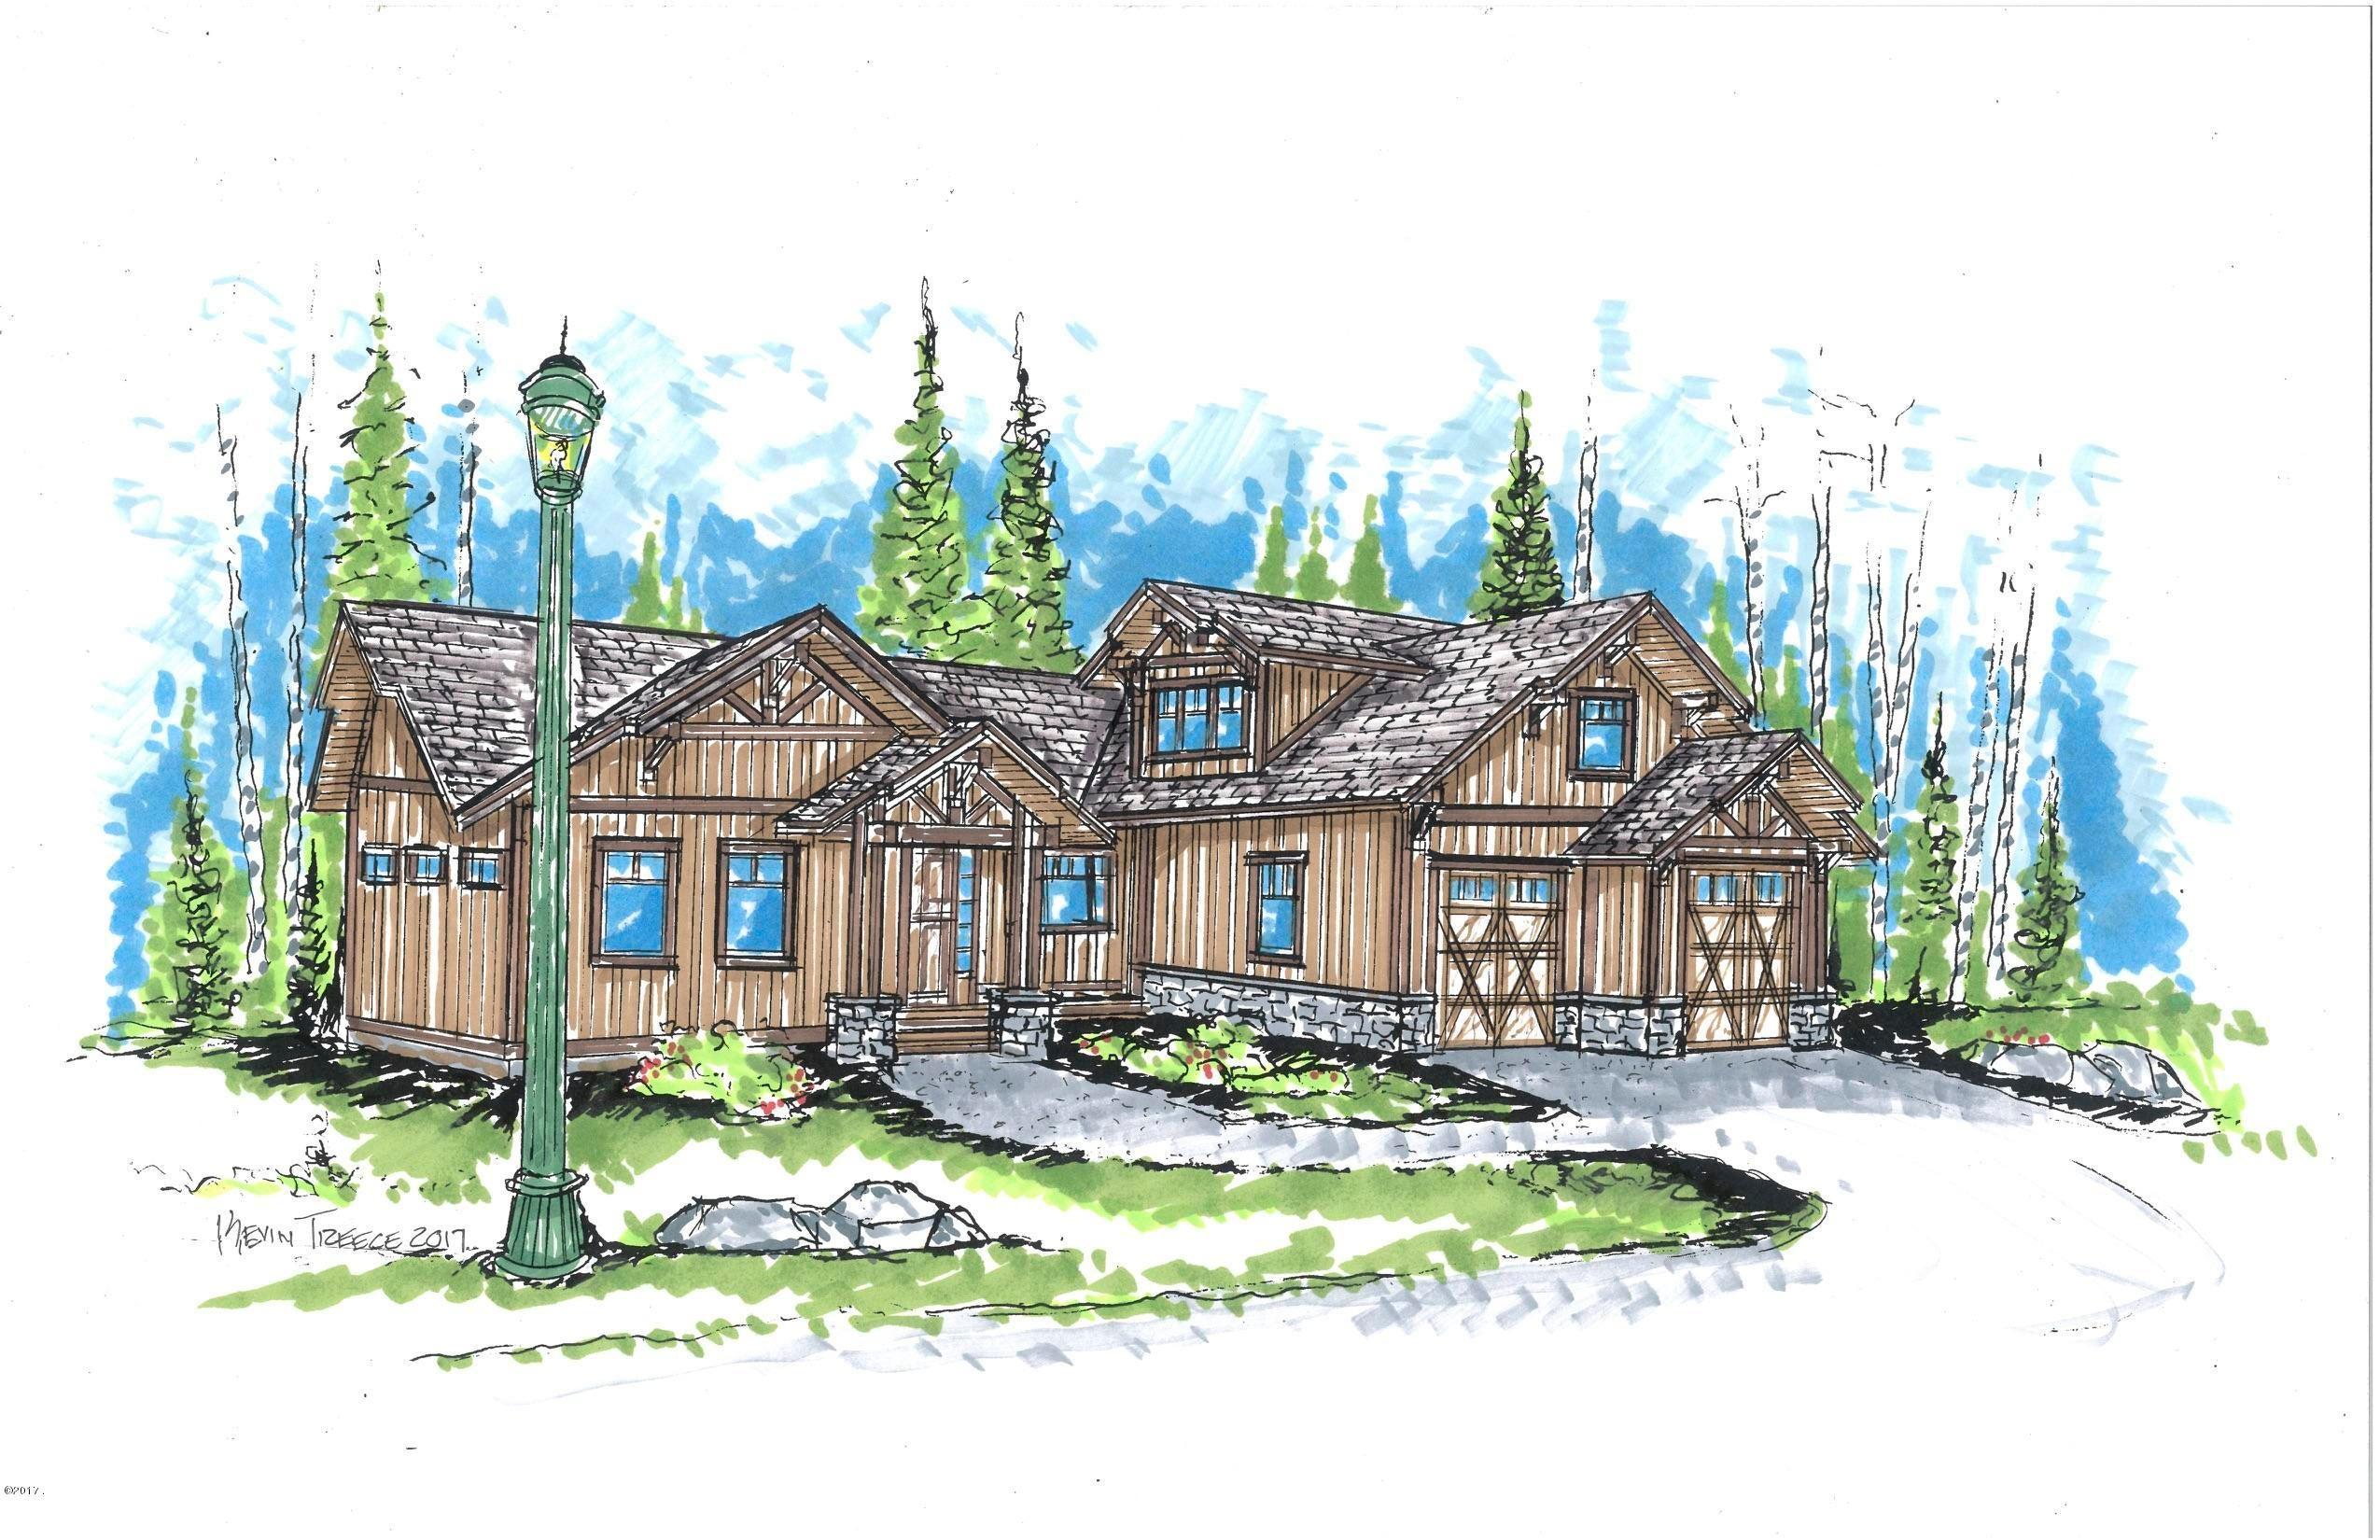 独户住宅 为 销售 在 634 Nature Trail 634 Nature Trail 怀特菲什, 蒙大拿州,59937 美国